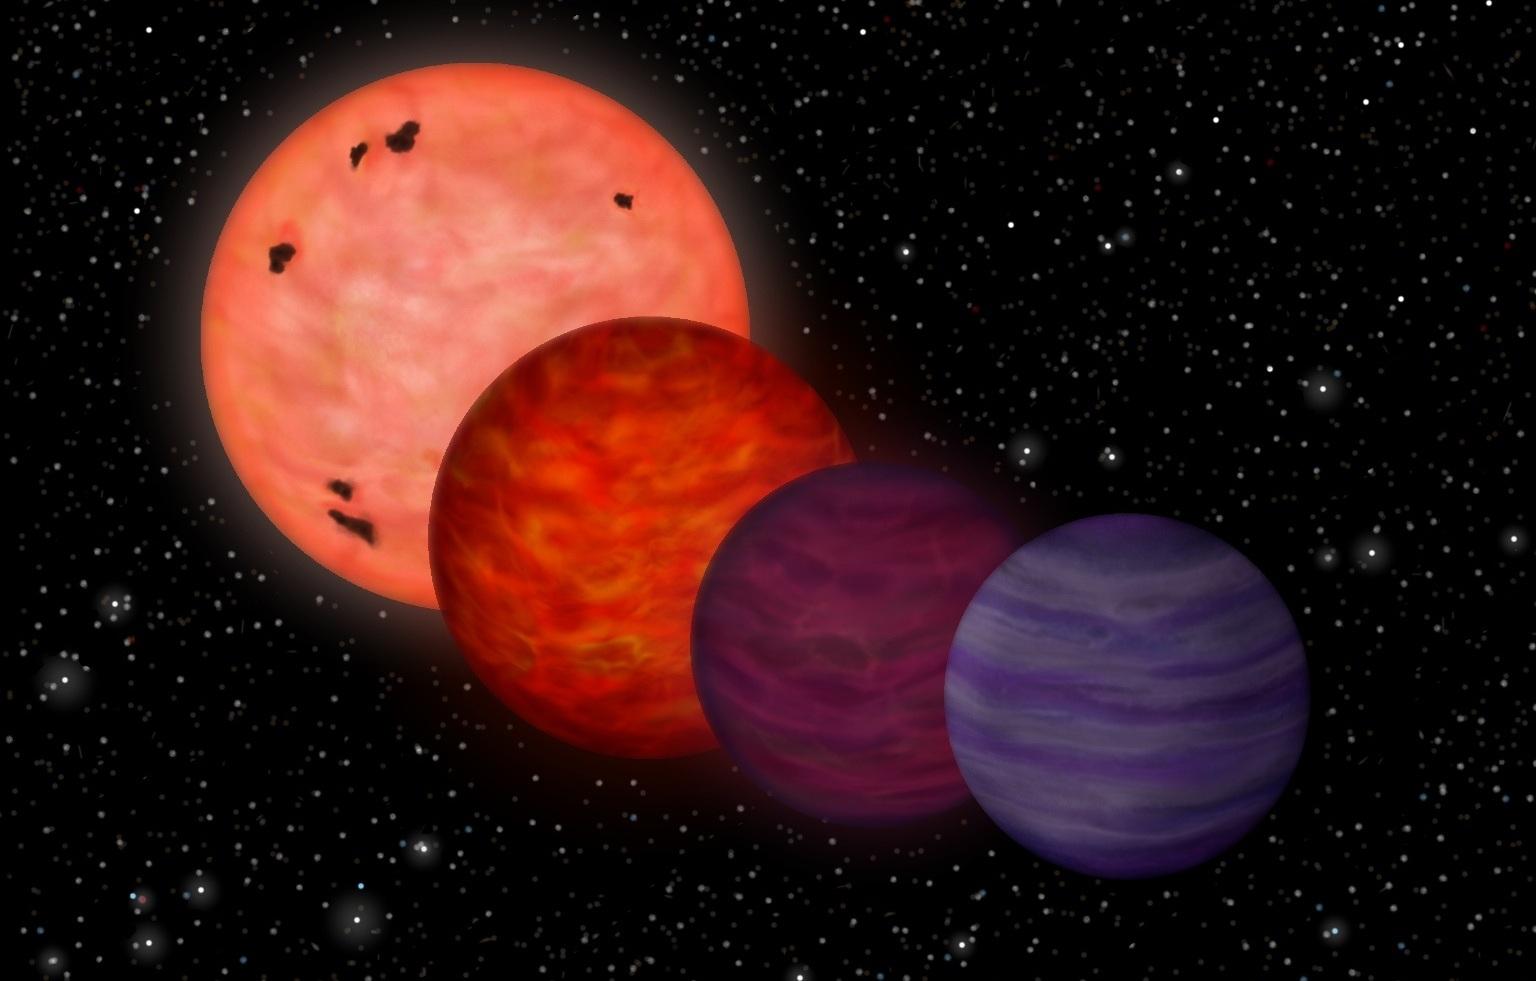 تصویری هنری از چگونگی تکامل این کوتوله قهوه ای، از ستاره با دمایی داغ تا تبدیل شدن به سیاره ای به دمایی پایین.